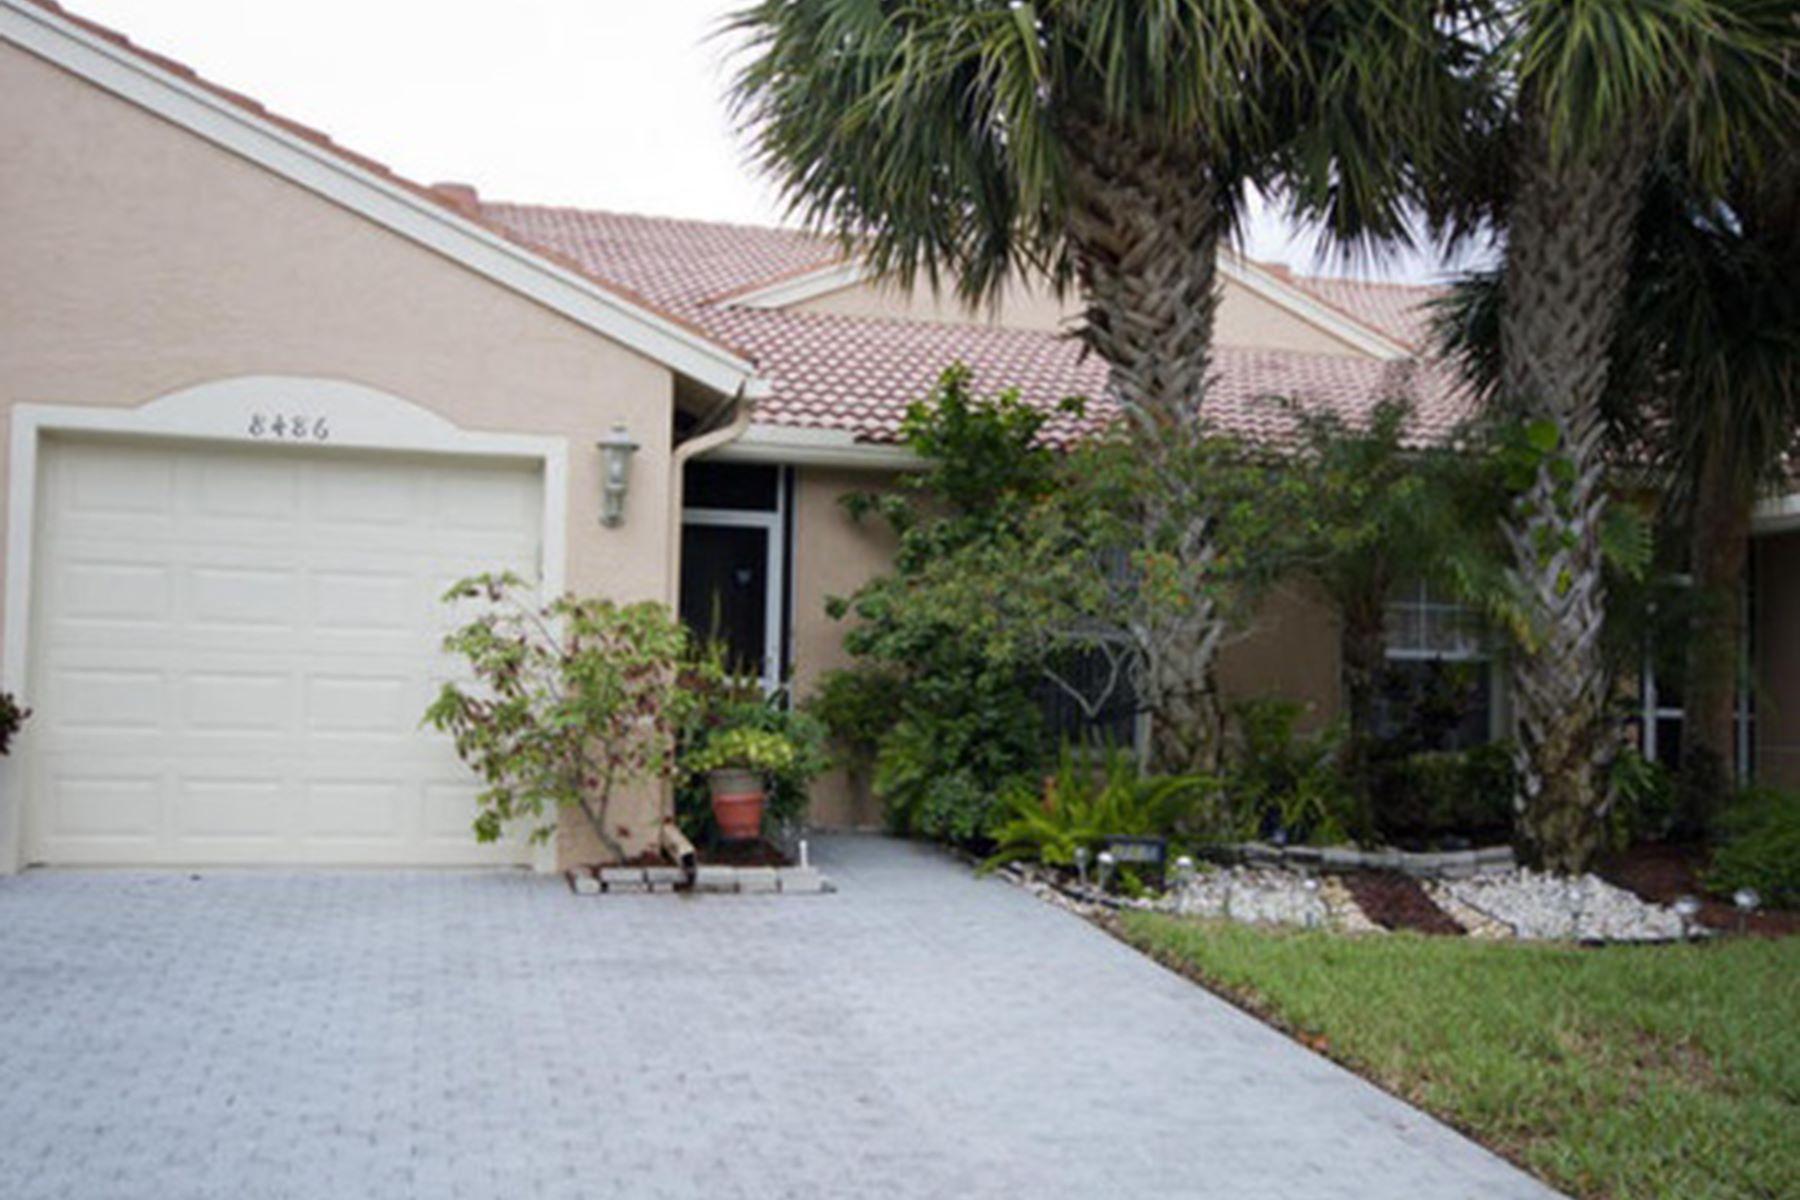 Nhà phố vì Bán tại 8486 Logia Circle 8486 Logia Circle Boynton Beach, Florida 33472 Hoa Kỳ